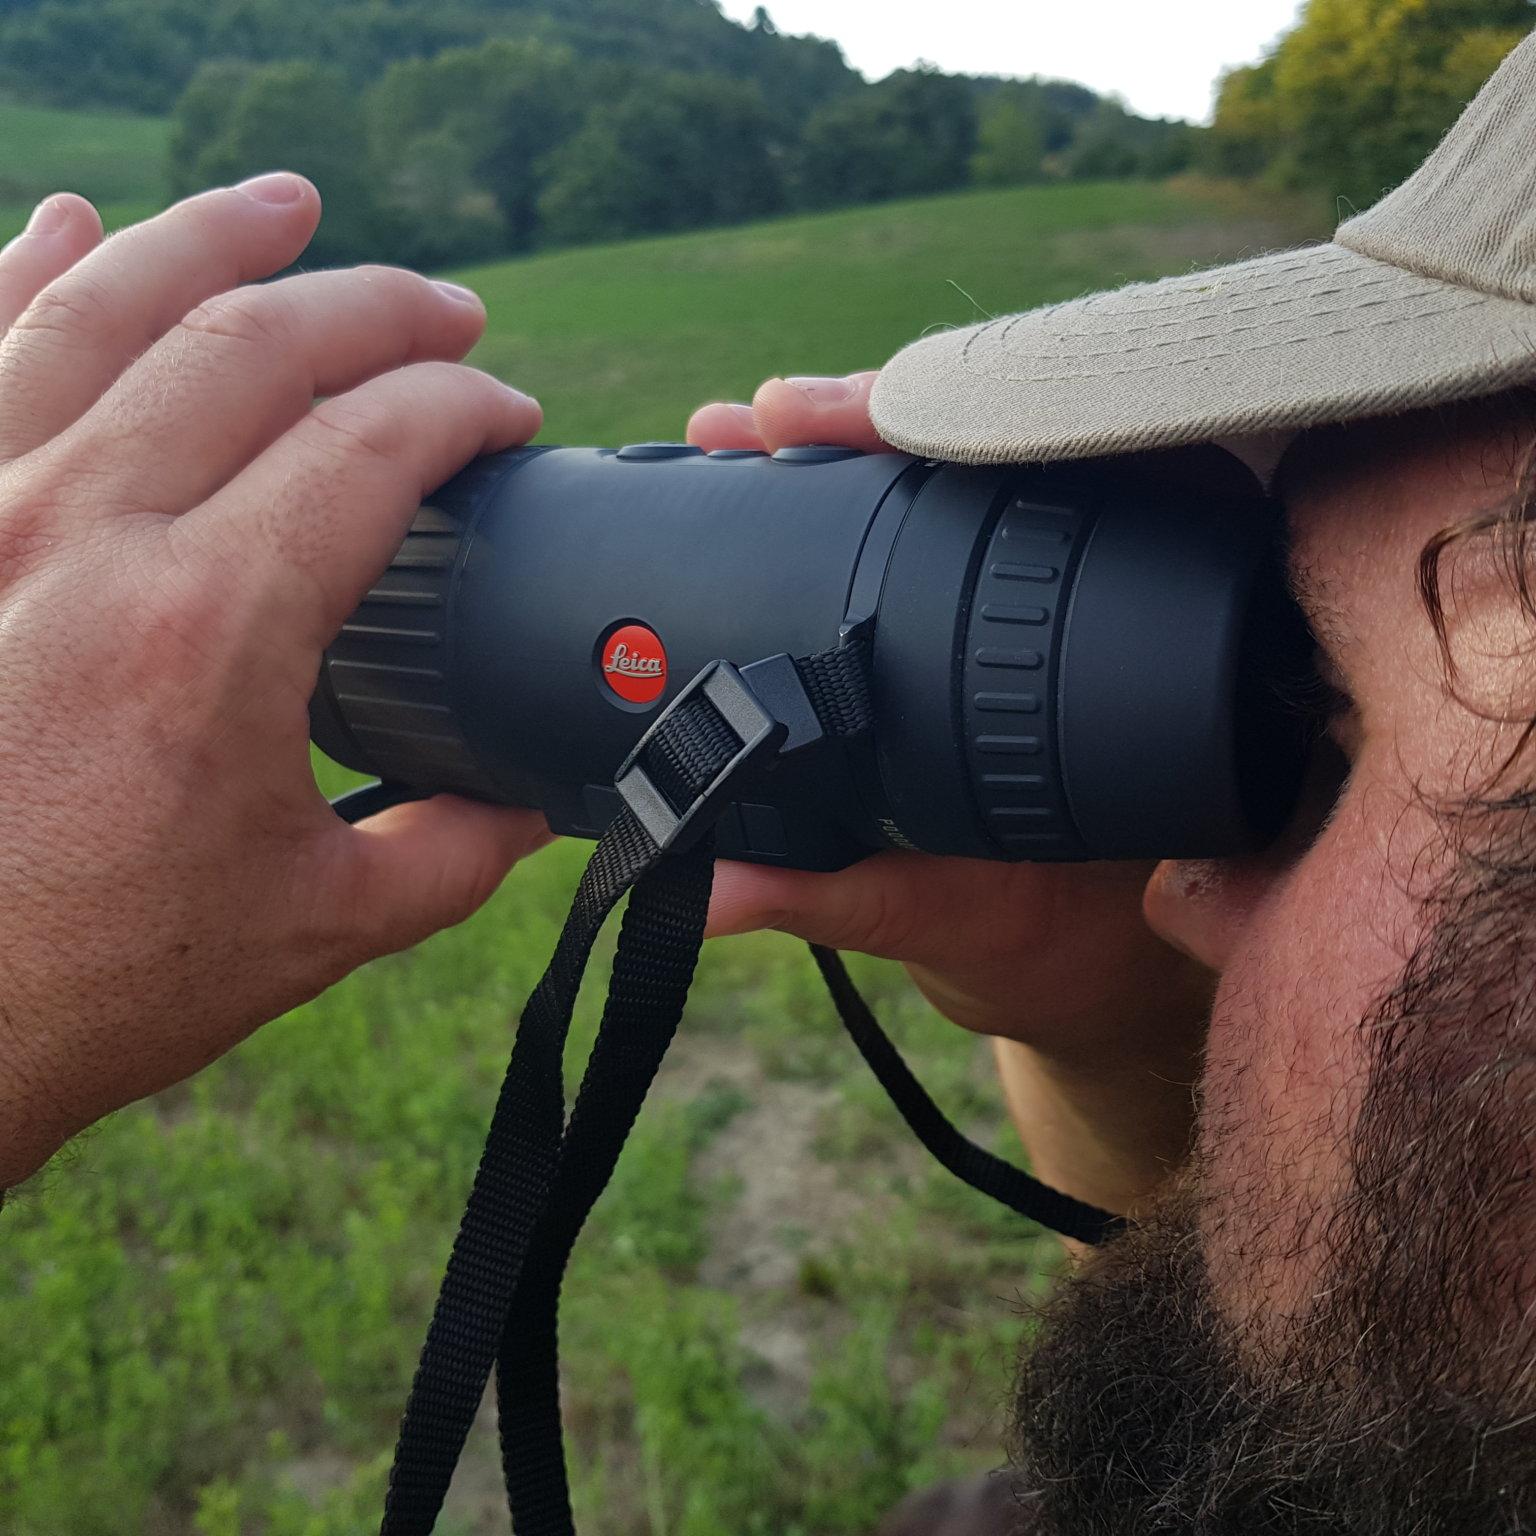 visore termico leica calonox caccia